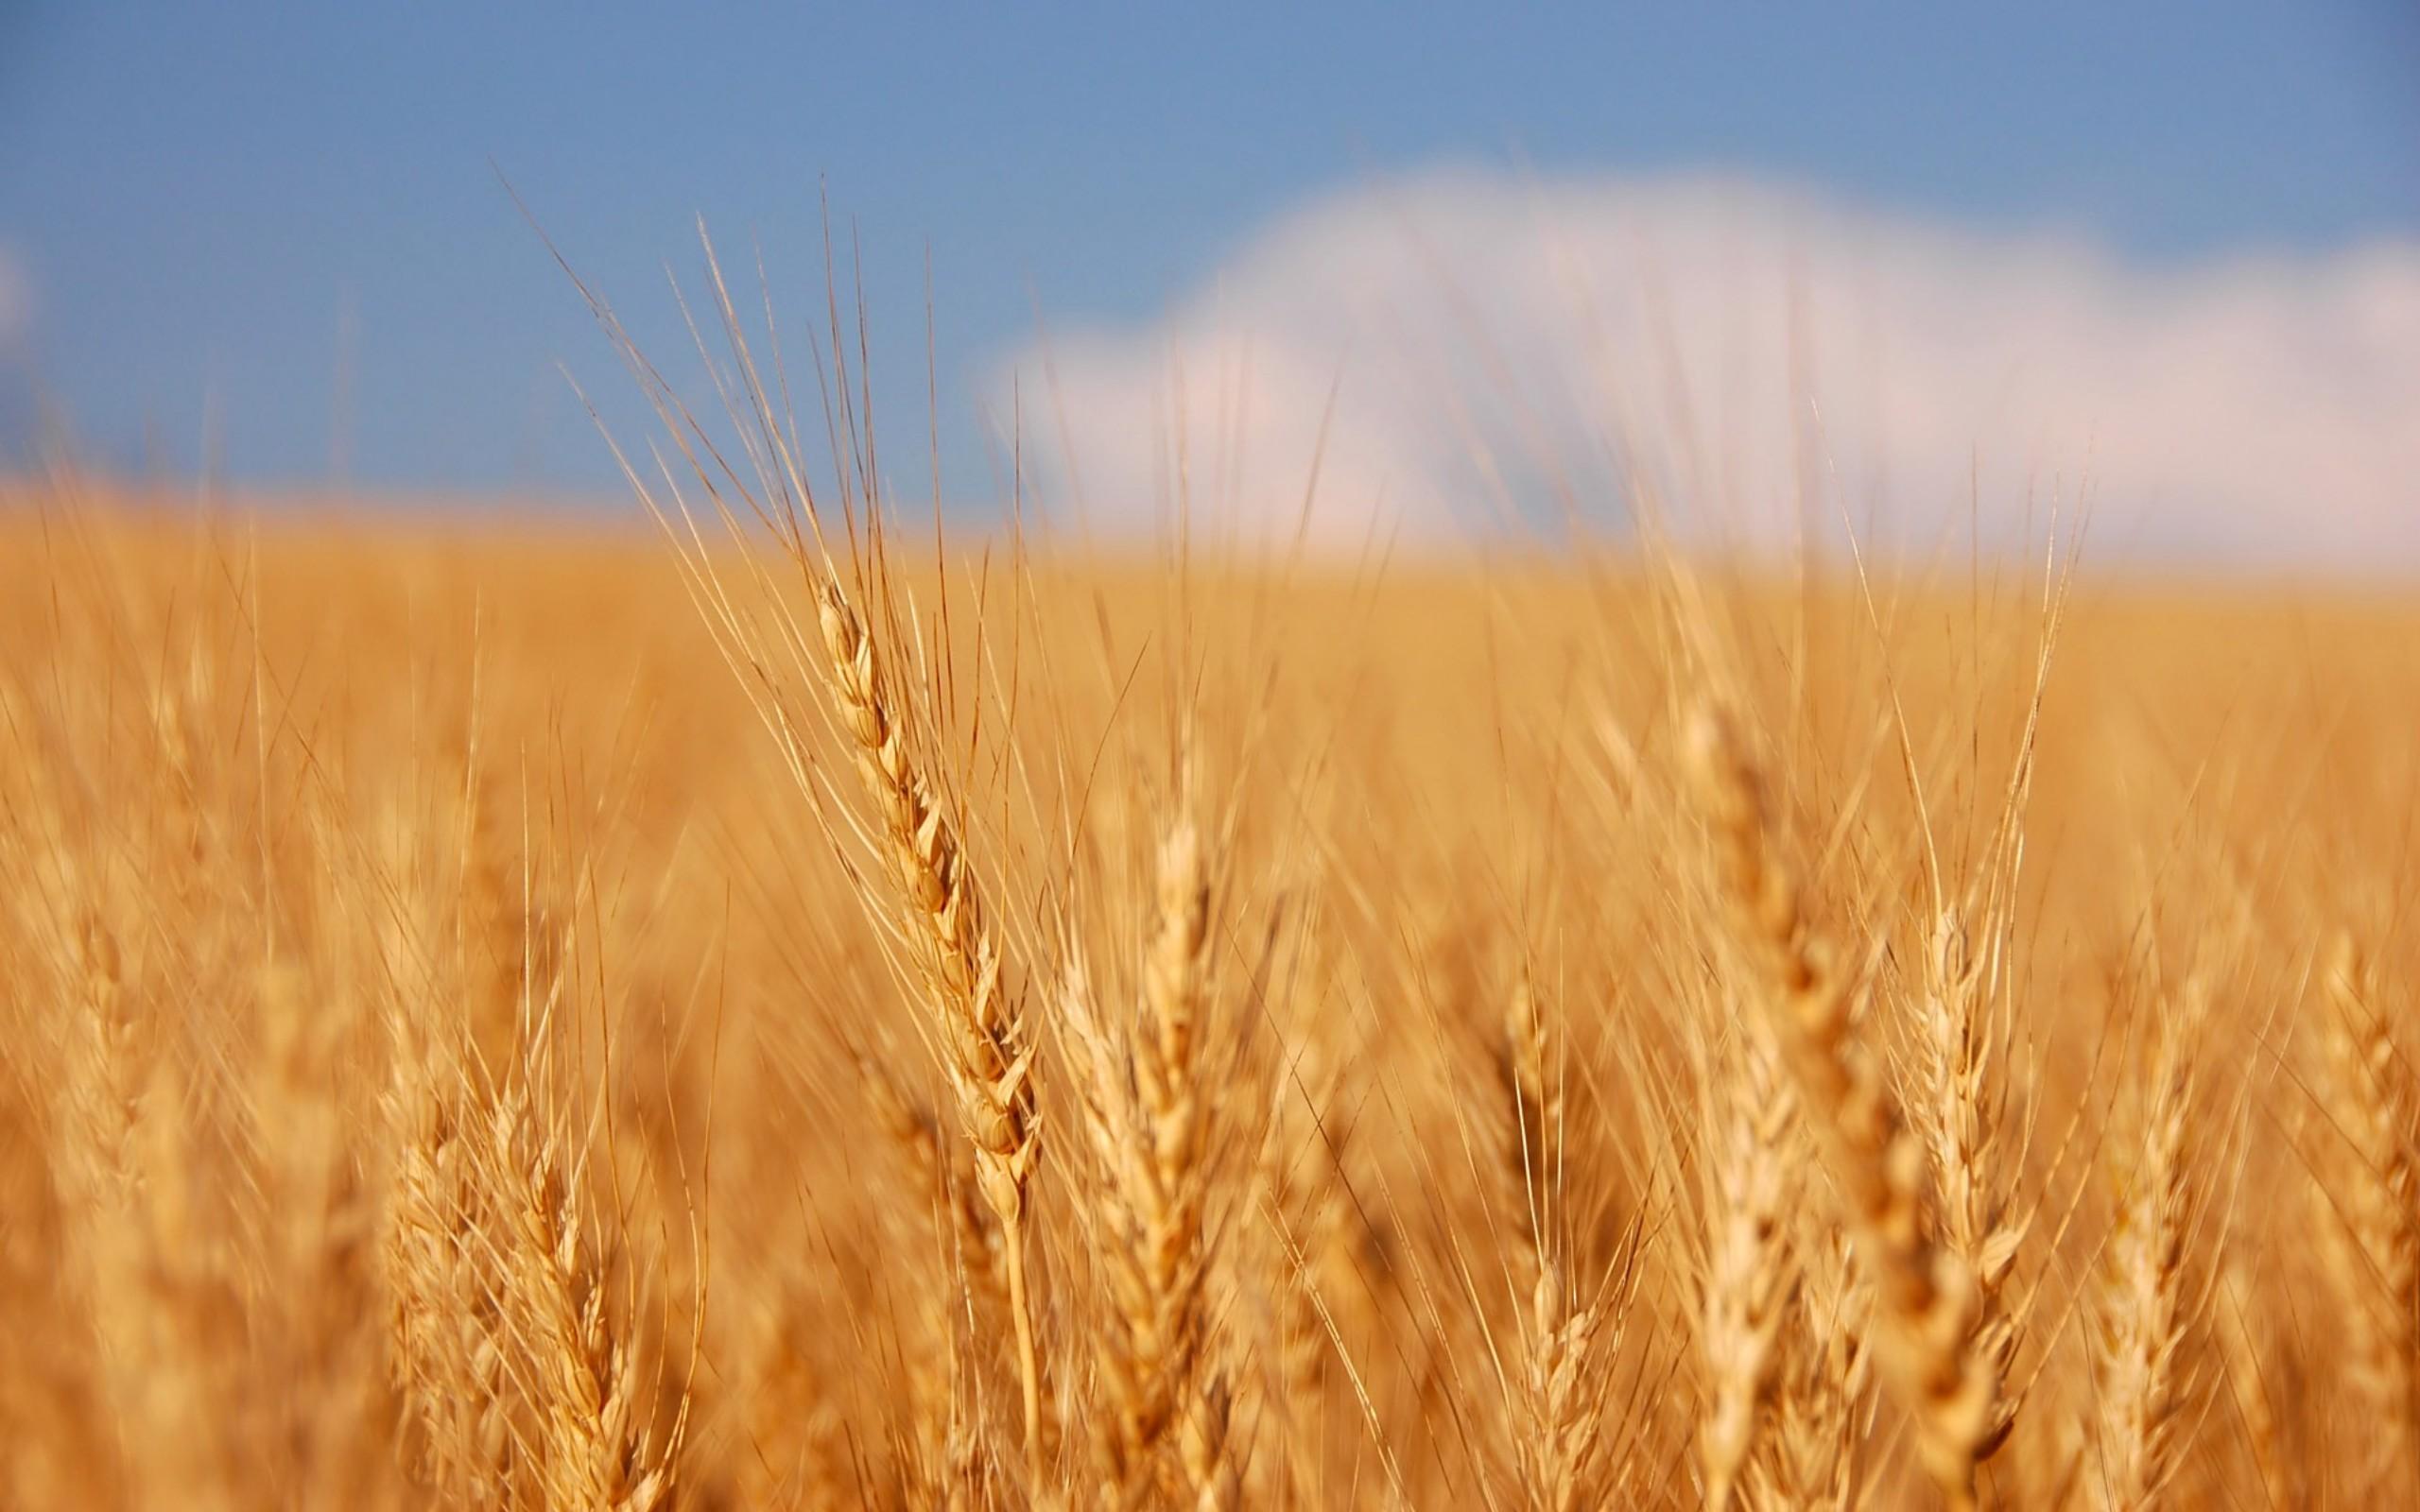 Минсельхоз Казахстана: до конца года экспорт переработанной сельхозпродукции планируется довести до 1,3 млрд. долларов